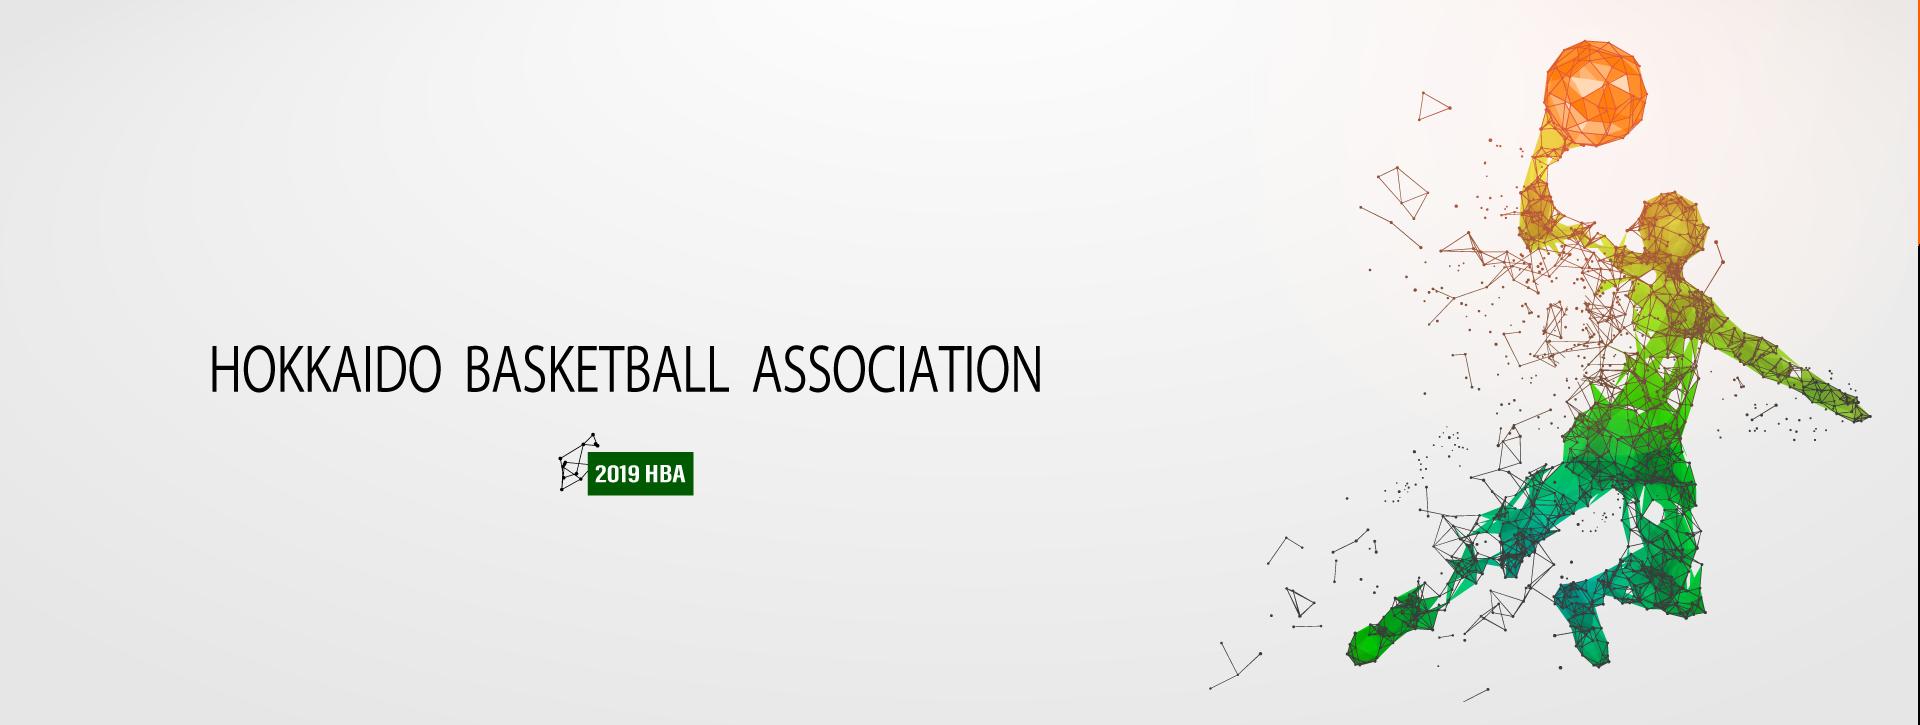 一般財団法人 北海道バスケットボール協会